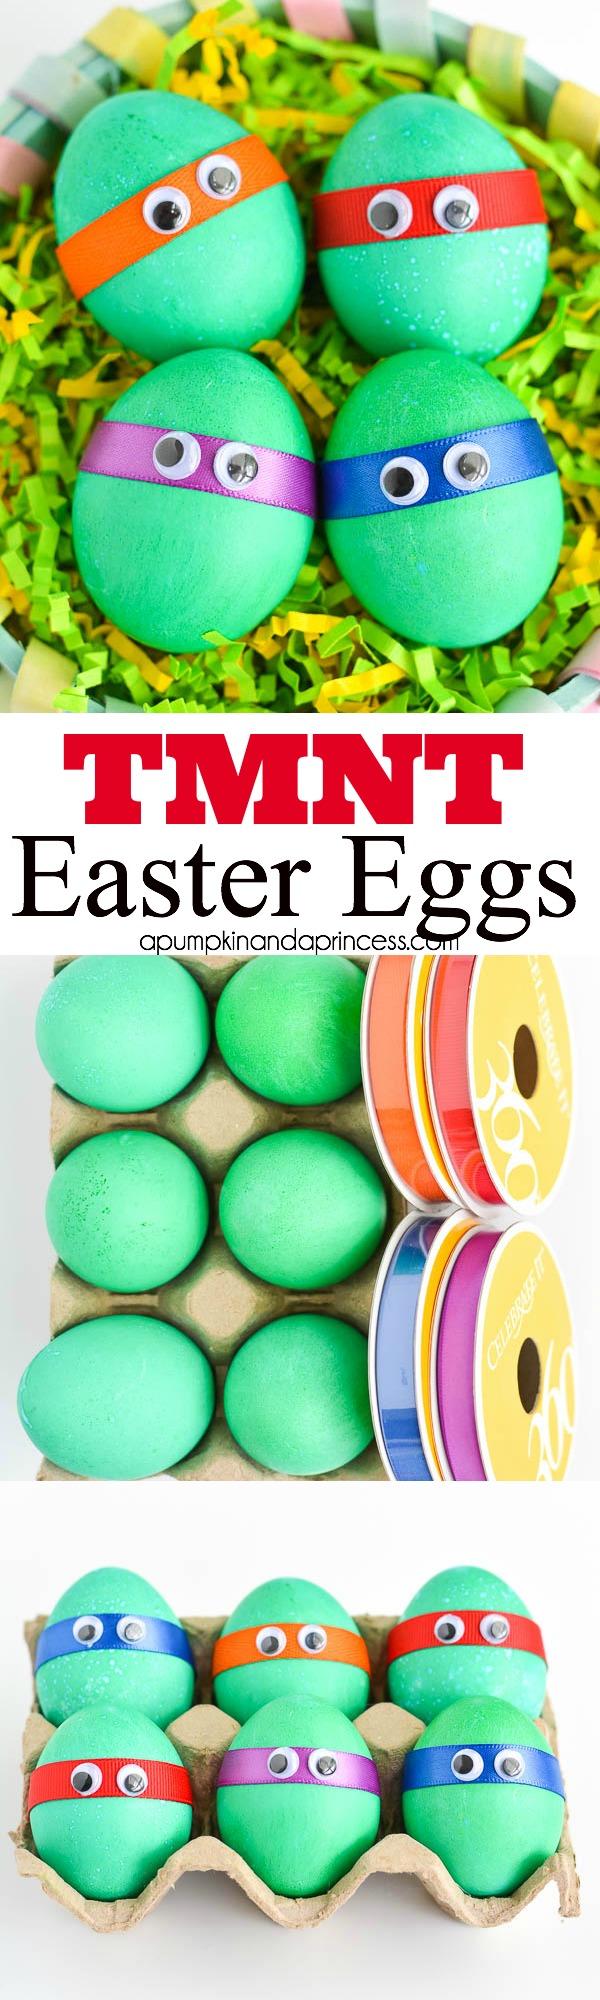 19 Ninja Turtle Eggs